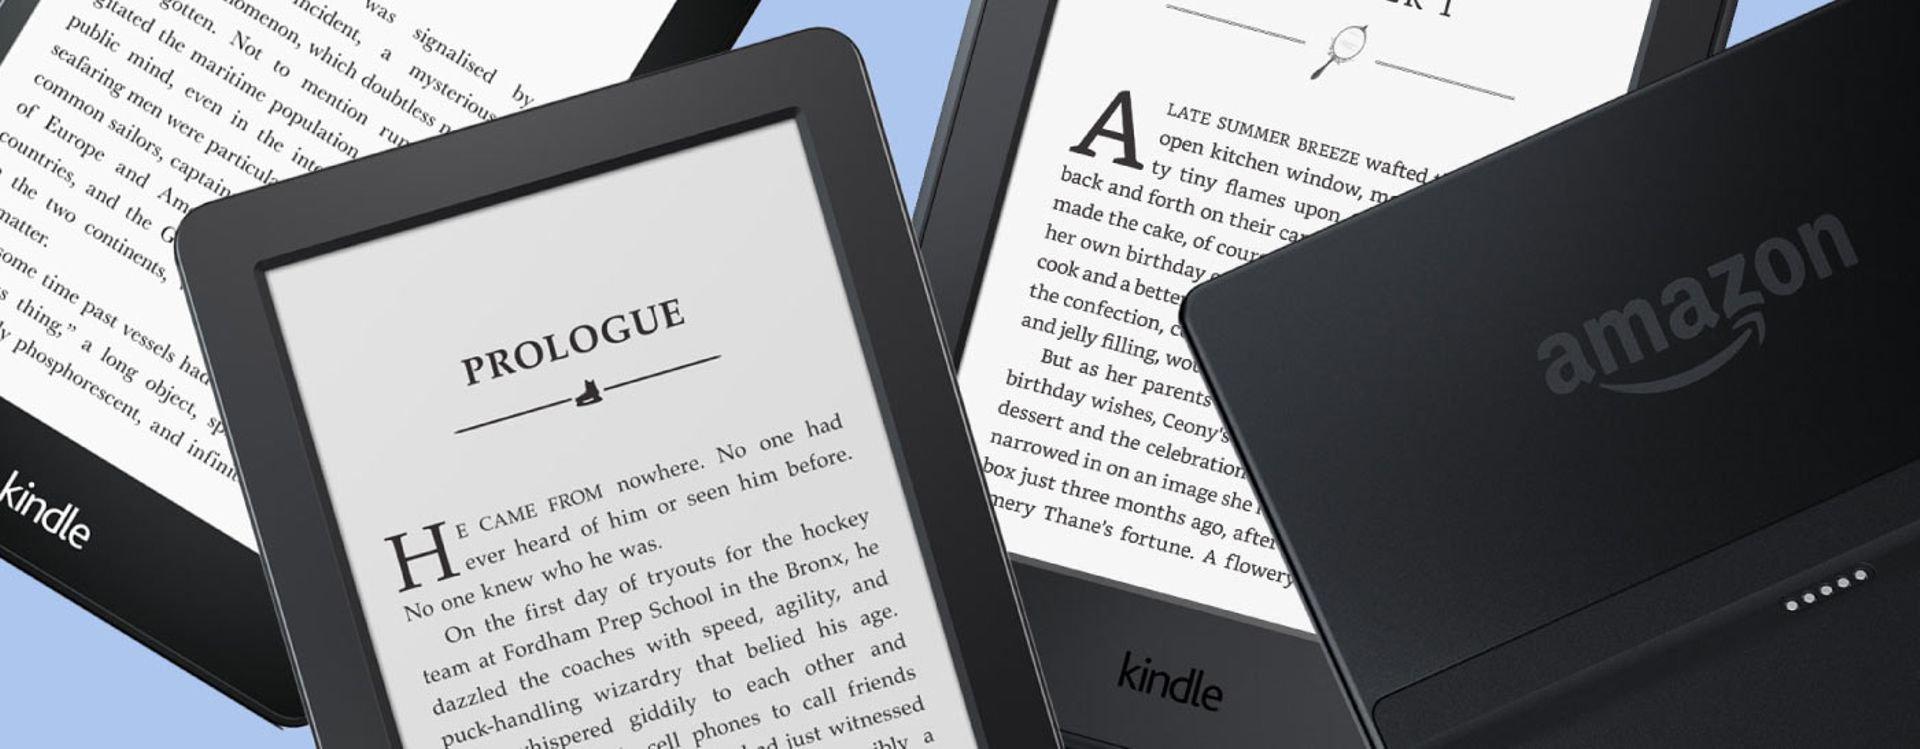 تعتمد قارئات الكتب الإلكترونية على تقنية الورق الإلكتروني ليبدو عرض الكتاب على الشاشة أقرب ما يكون إلى الكتاب الورقي.